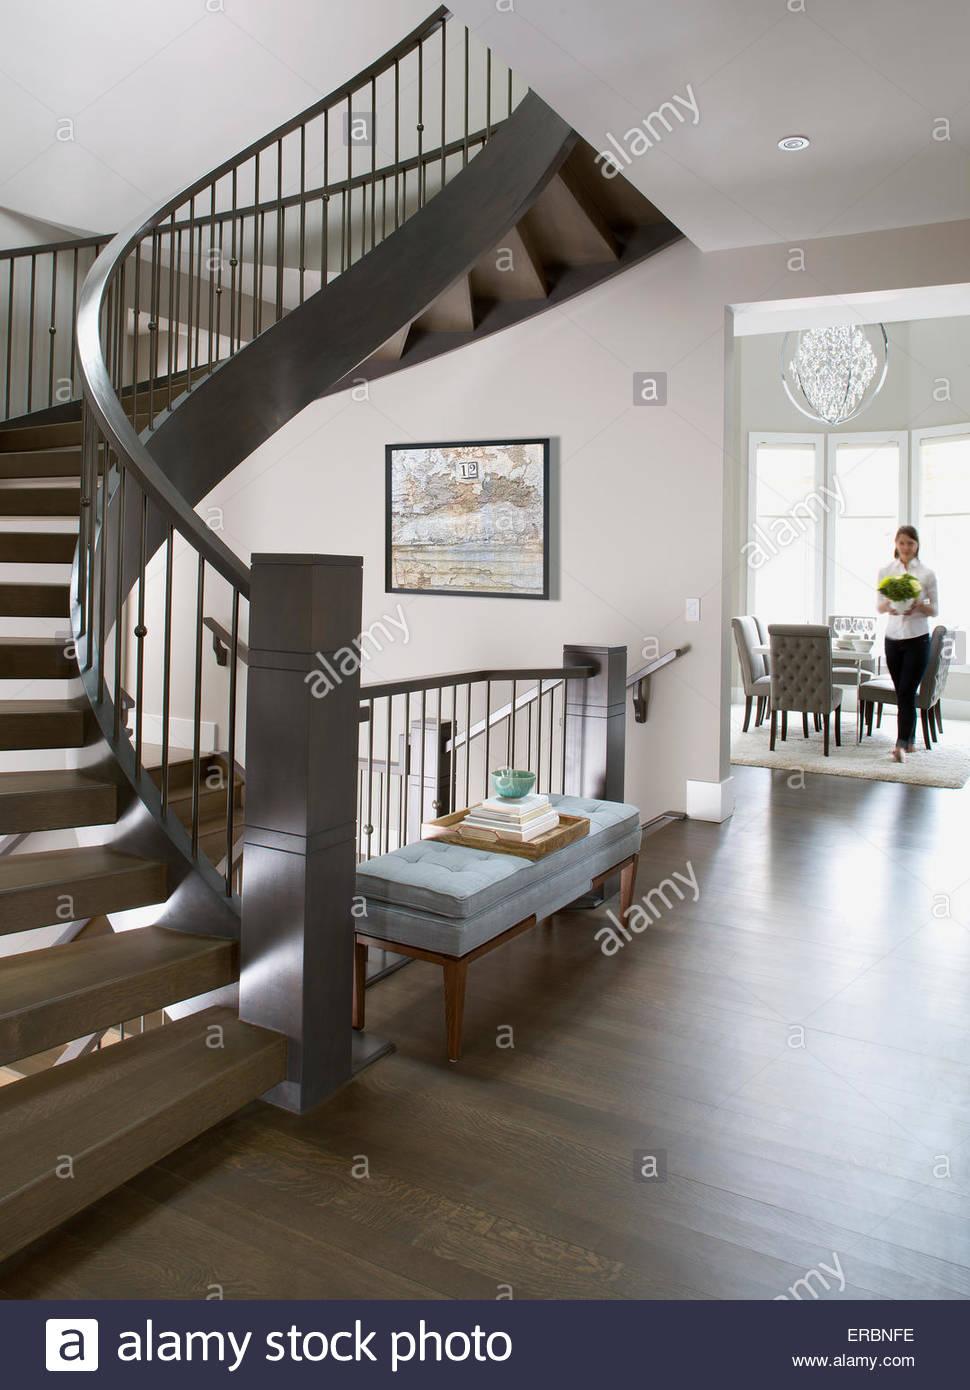 Escalera de caracol en la elegante casa Imagen De Stock